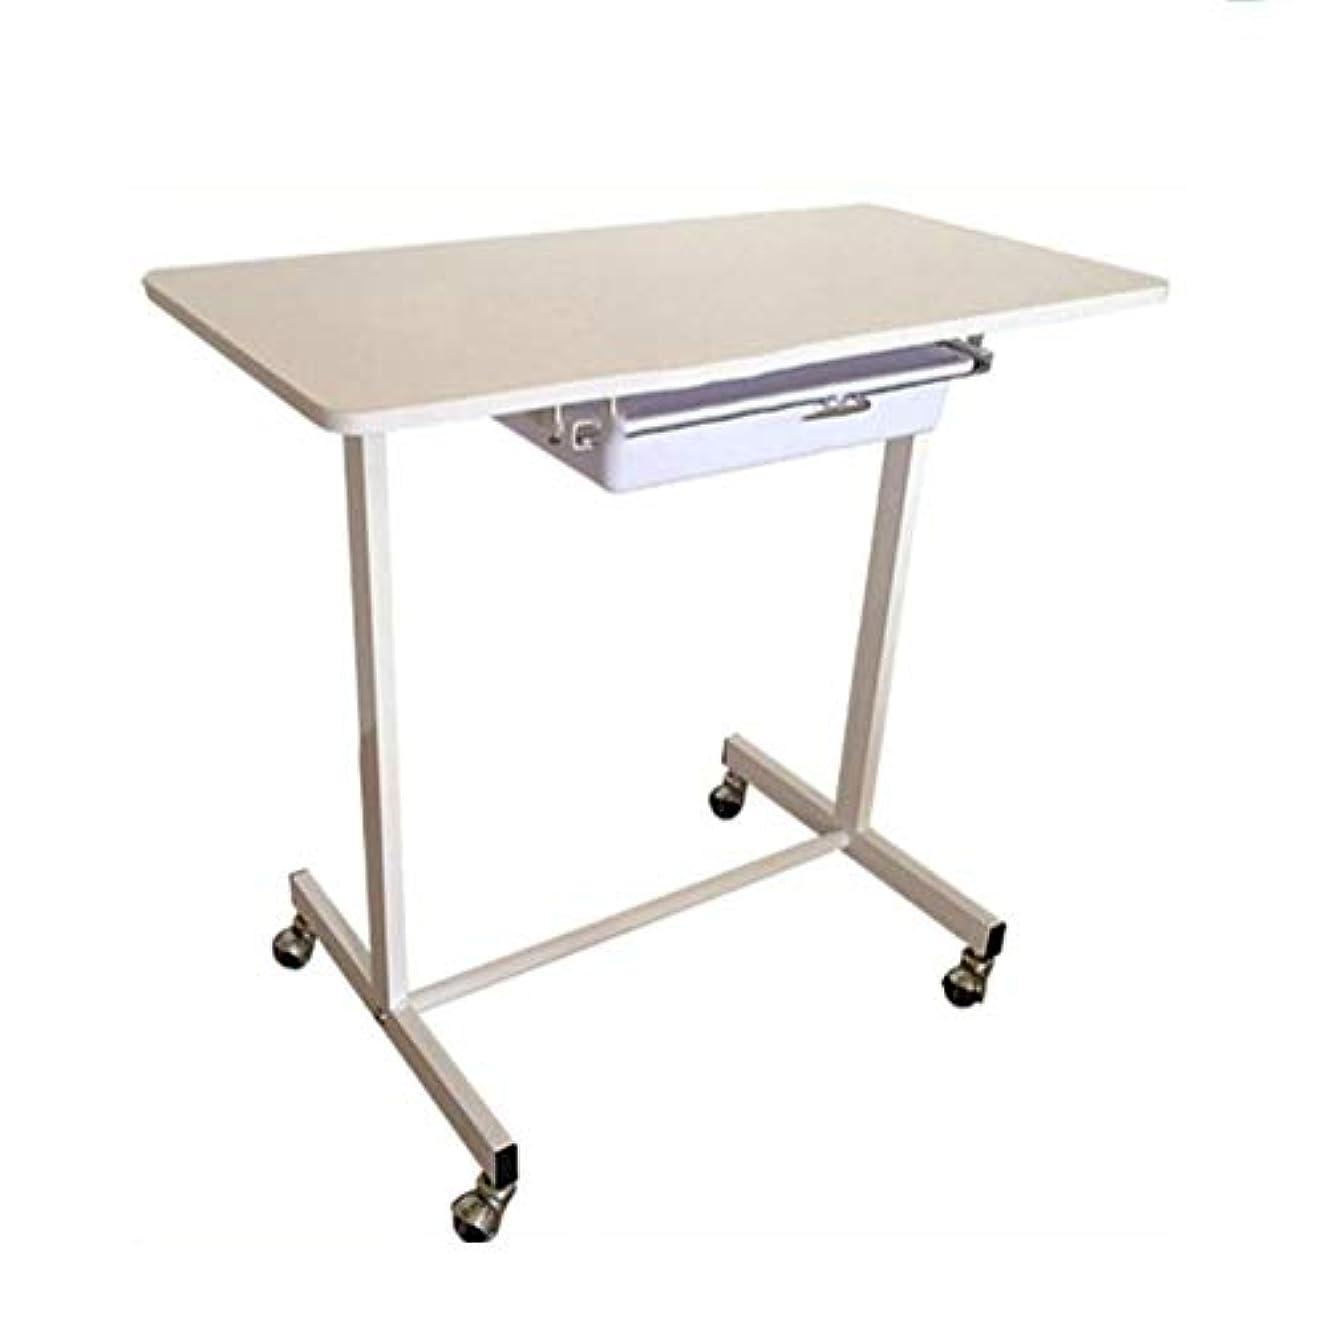 構成主要な特派員ネイルテーブルポータブルマニキュアテーブルベントネイルデスクワークステーションサロンスパネイルアートビューティーサロン家具